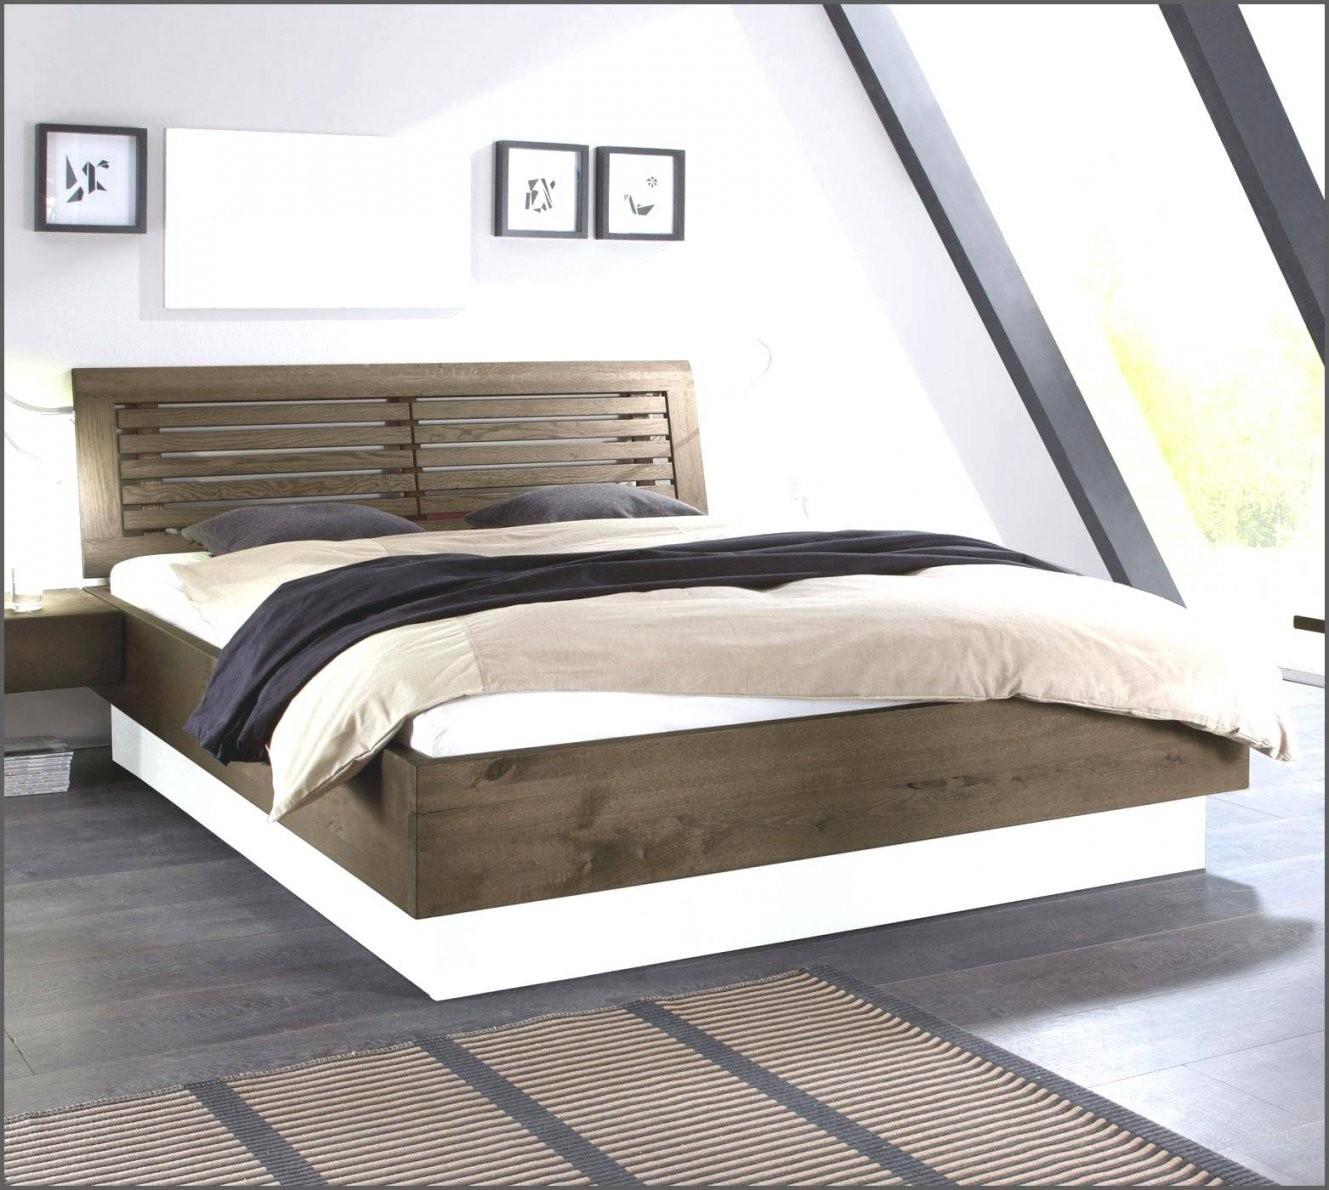 Bett Mit Bettkasten Bett Mit Bettkasten 90—200 Otto Polsterbett Von von Otto Polsterbett Mit Bettkasten Bild